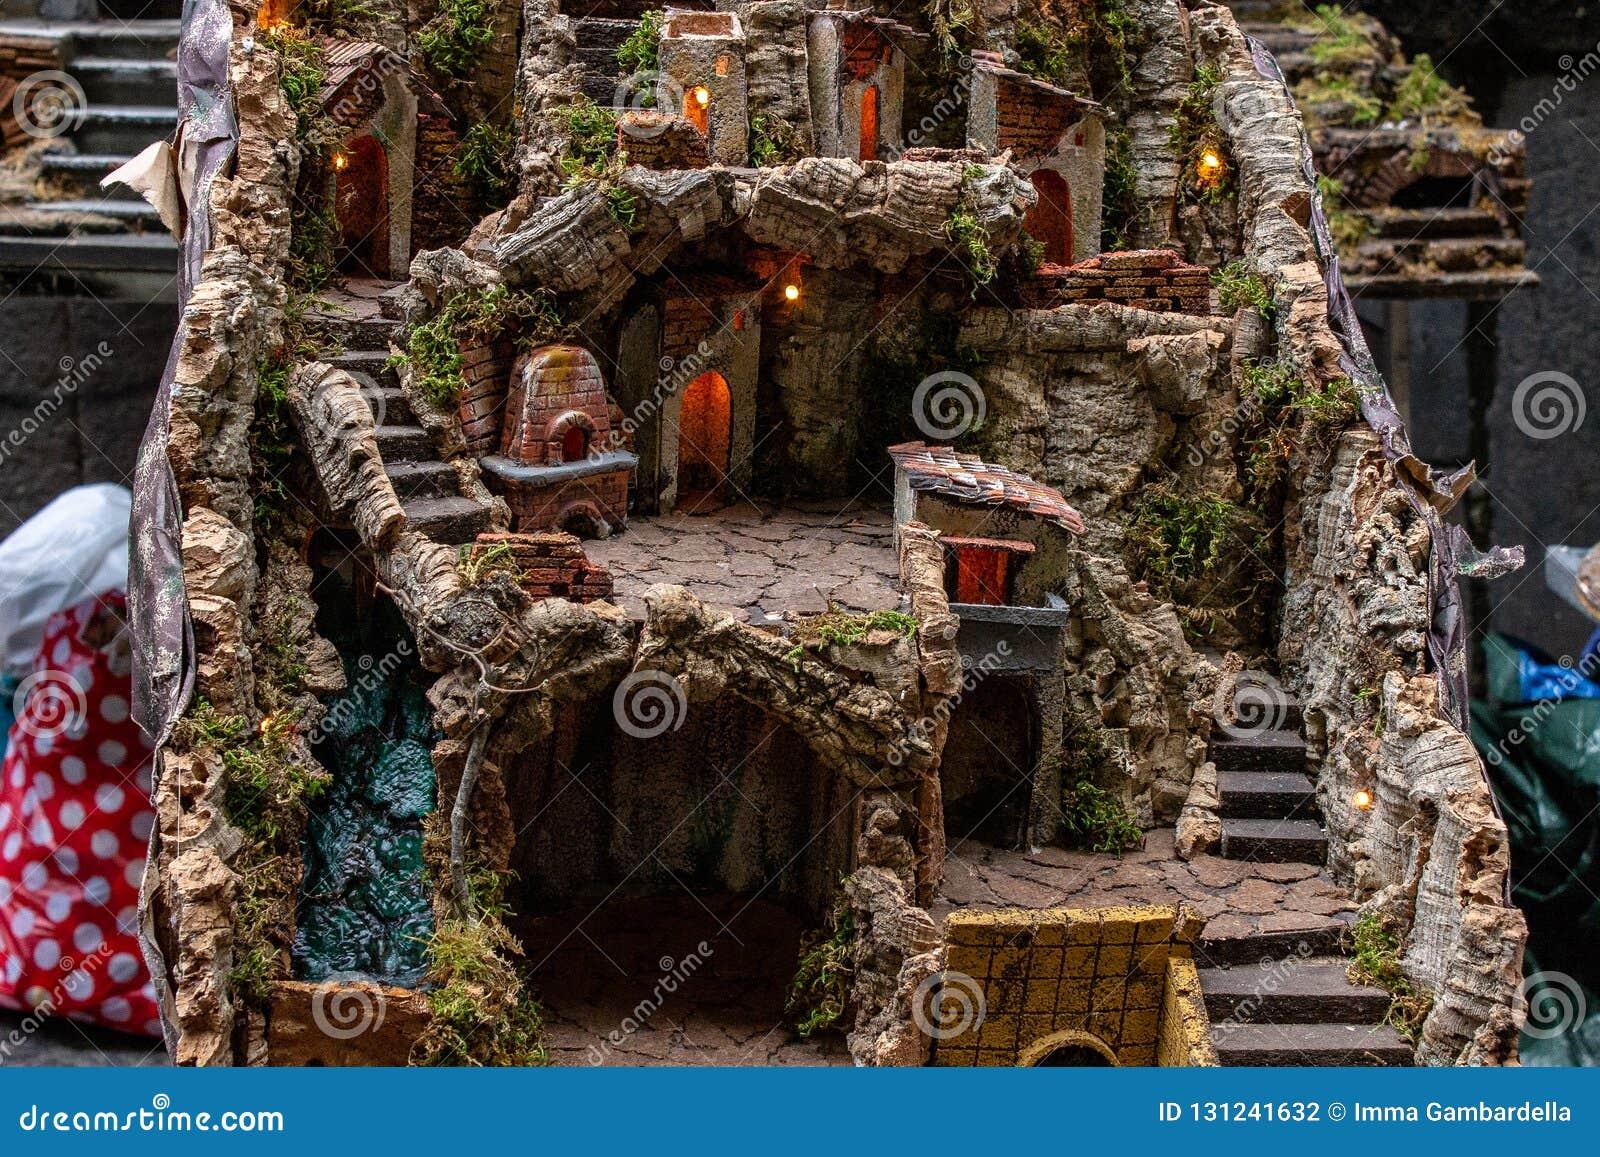 Naples, San Gregorio Armeno, przykład rzemieślnika narodzenie jezusa scena